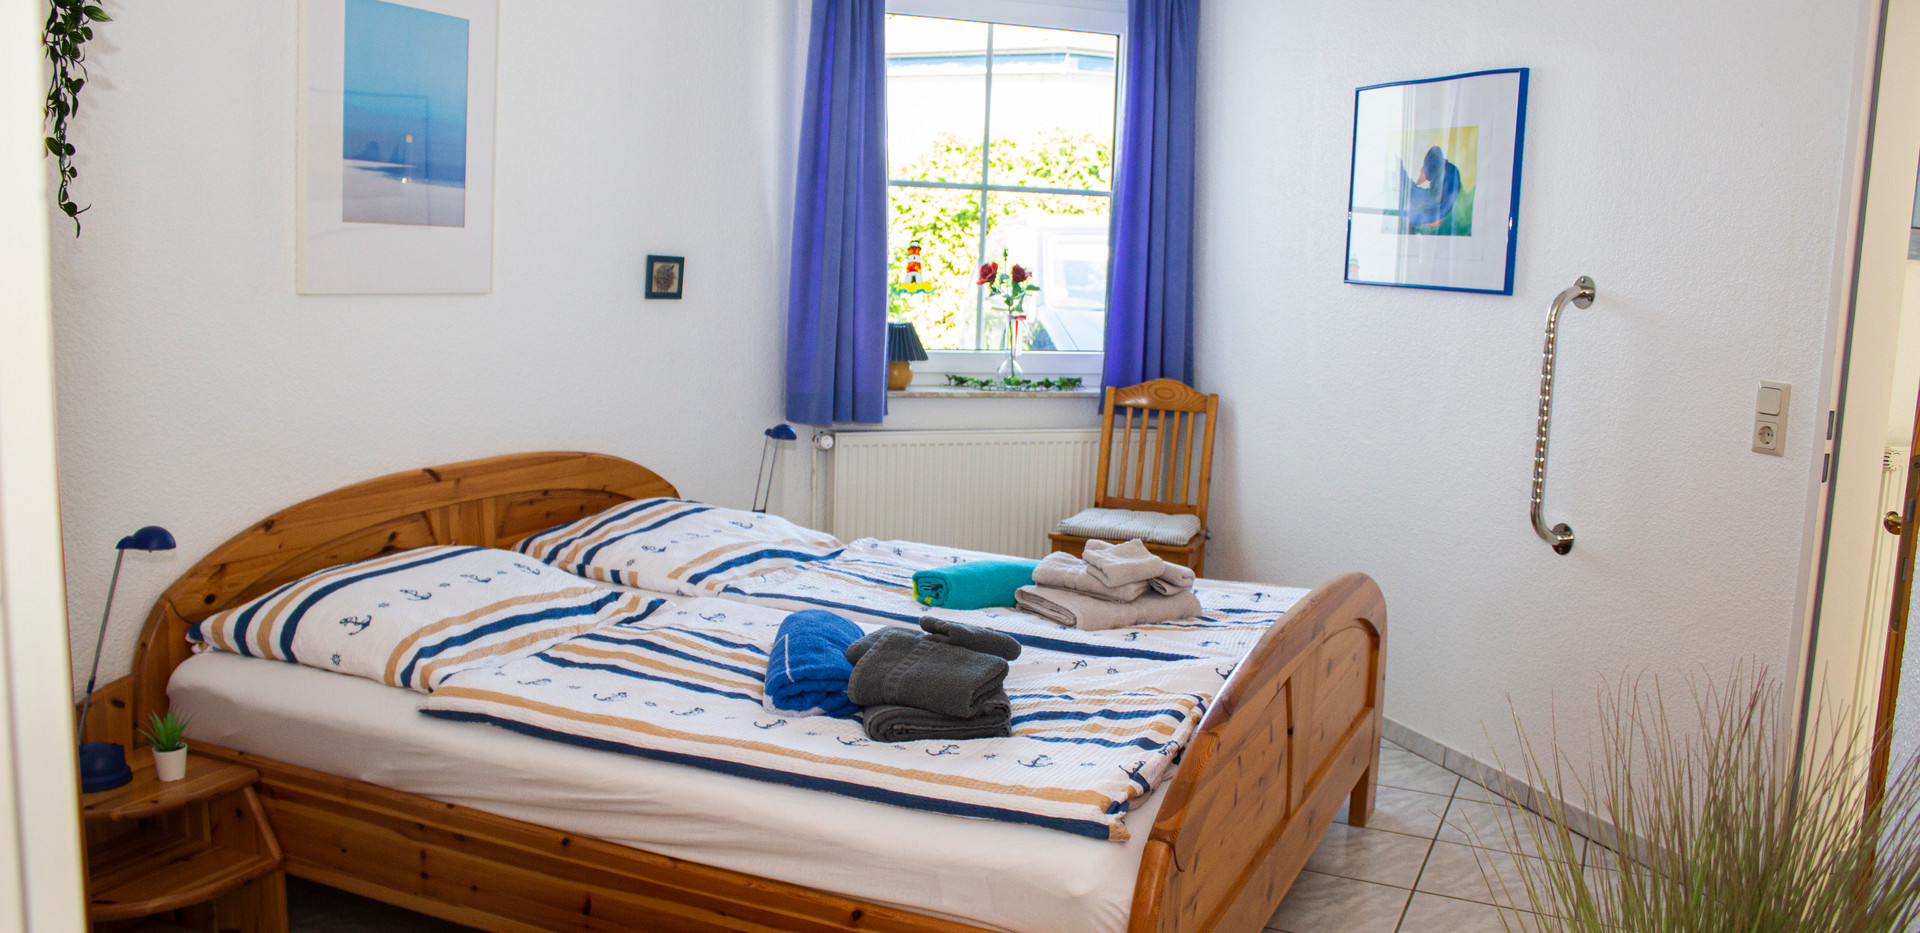 Schlafzimmer 1 von 3 - unten